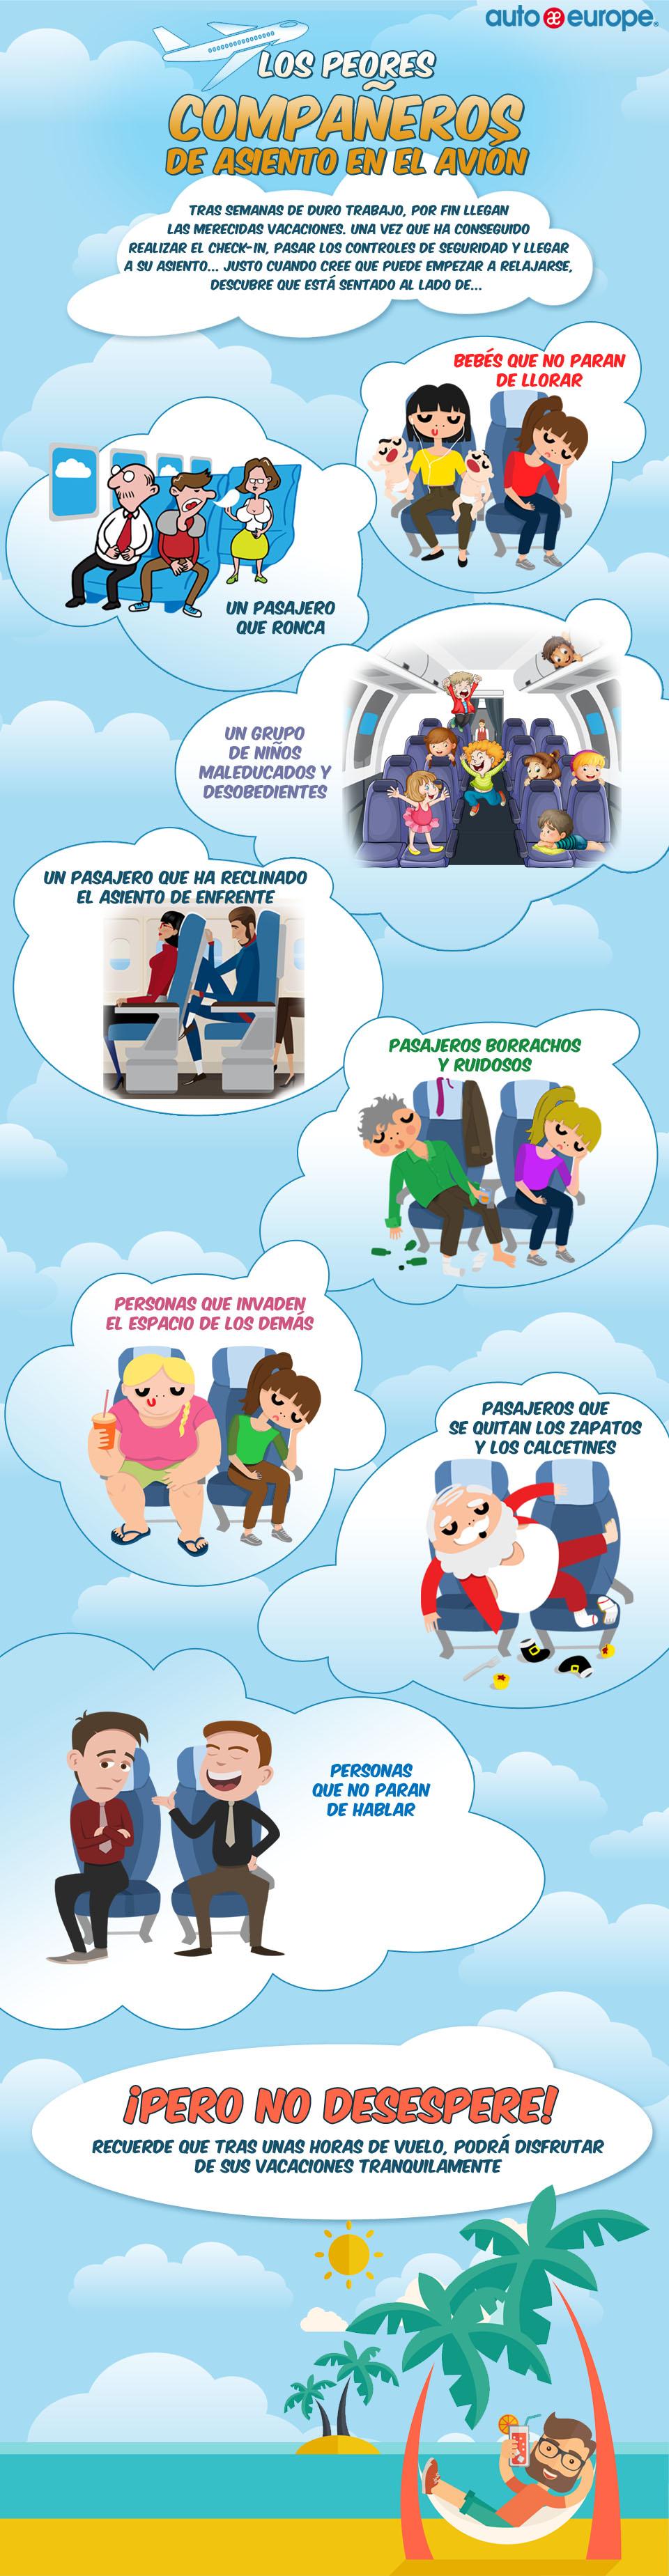 Infografía: Los peores compañeros de vuelo